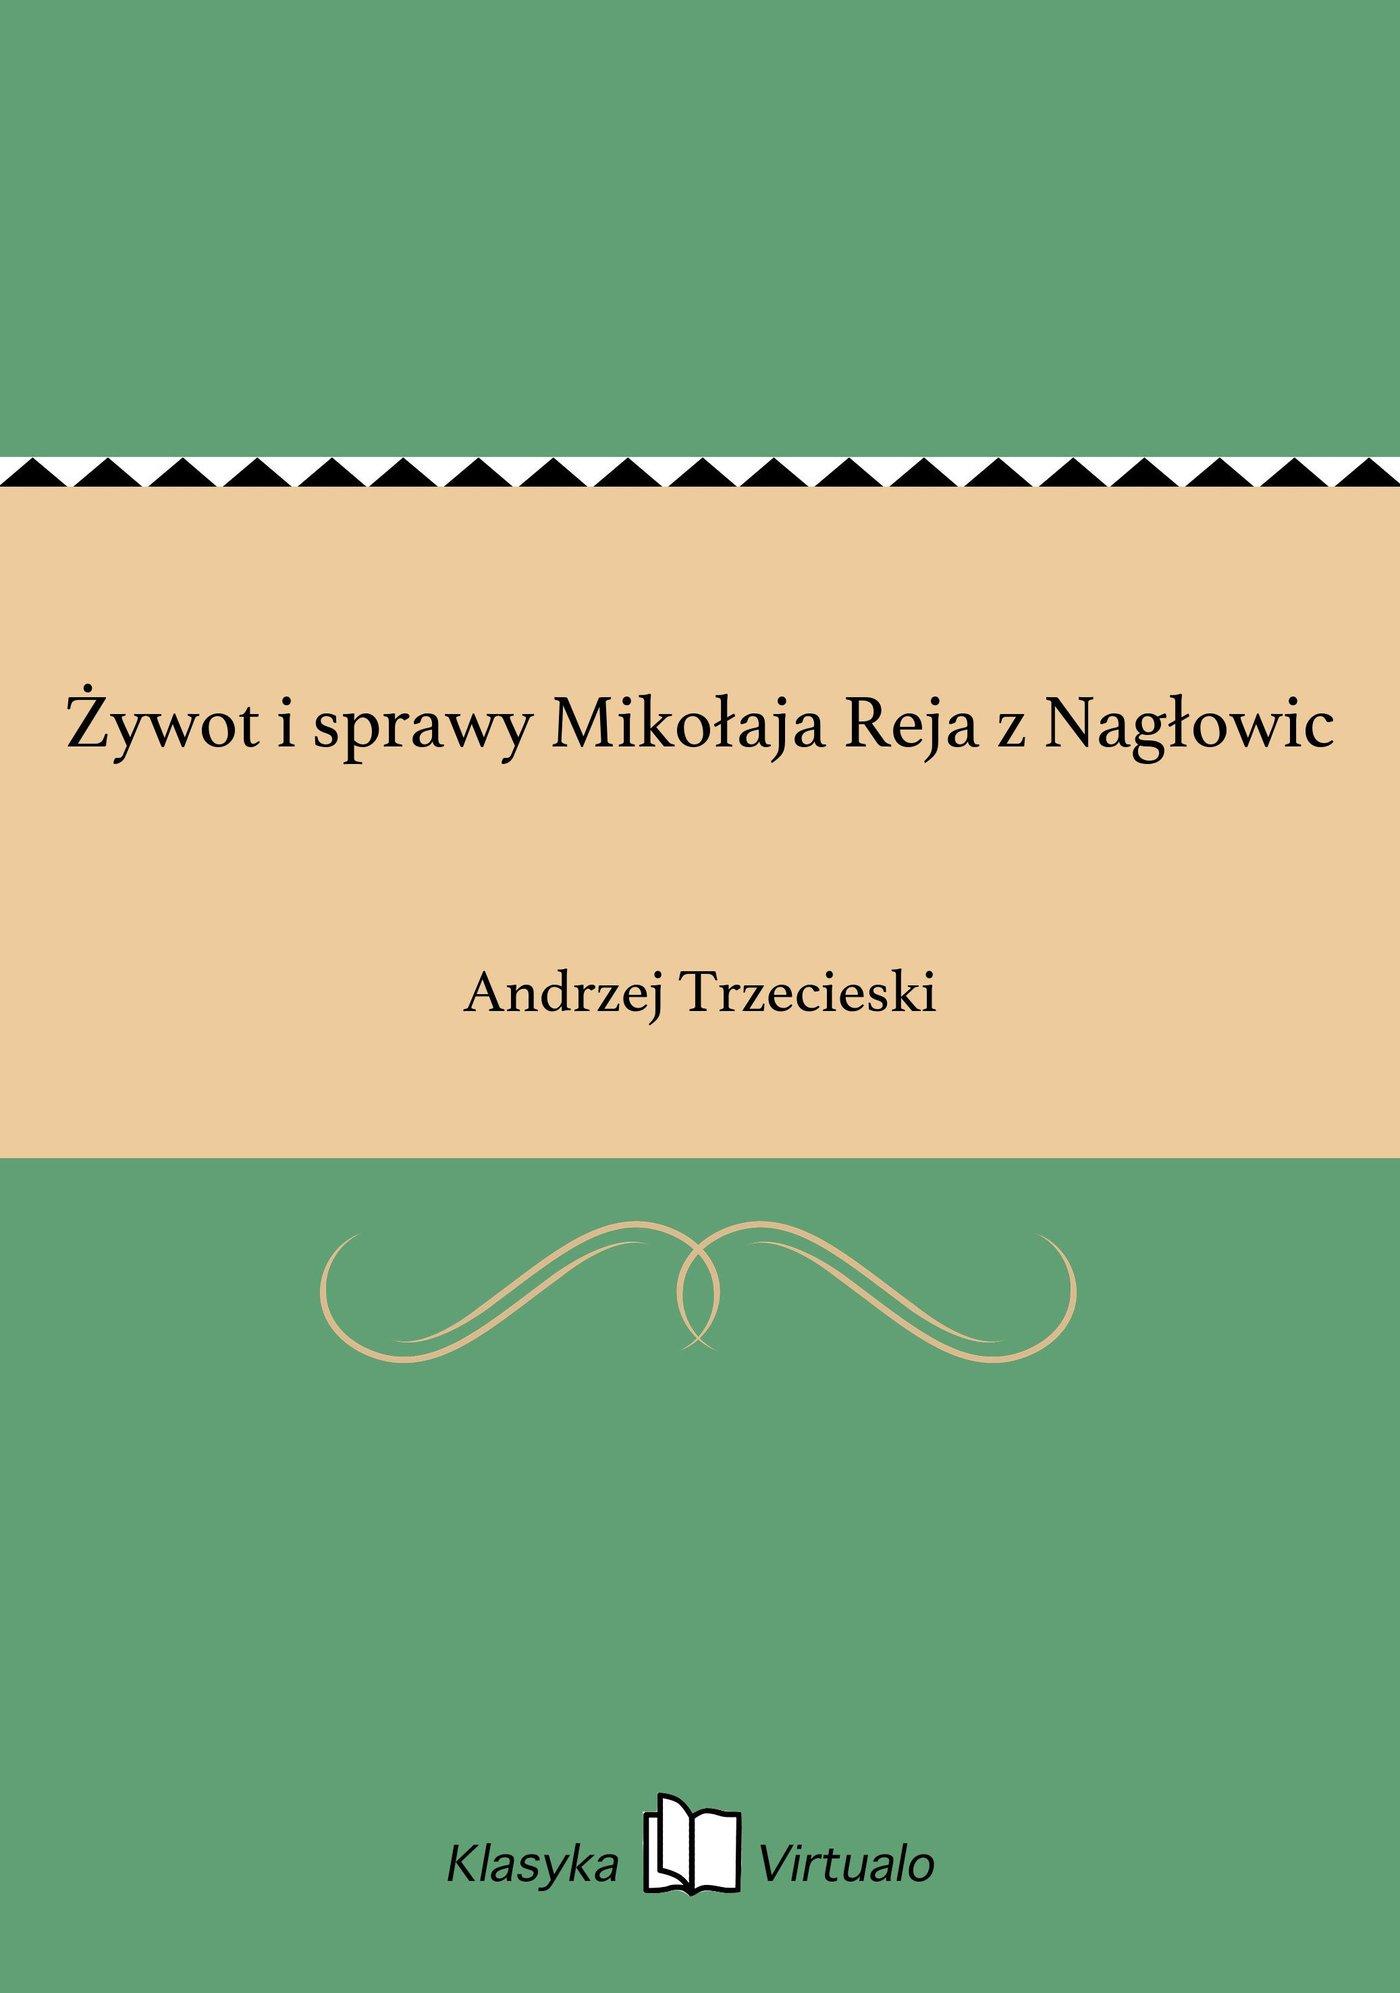 Żywot i sprawy Mikołaja Reja z Nagłowic - Ebook (Książka EPUB) do pobrania w formacie EPUB